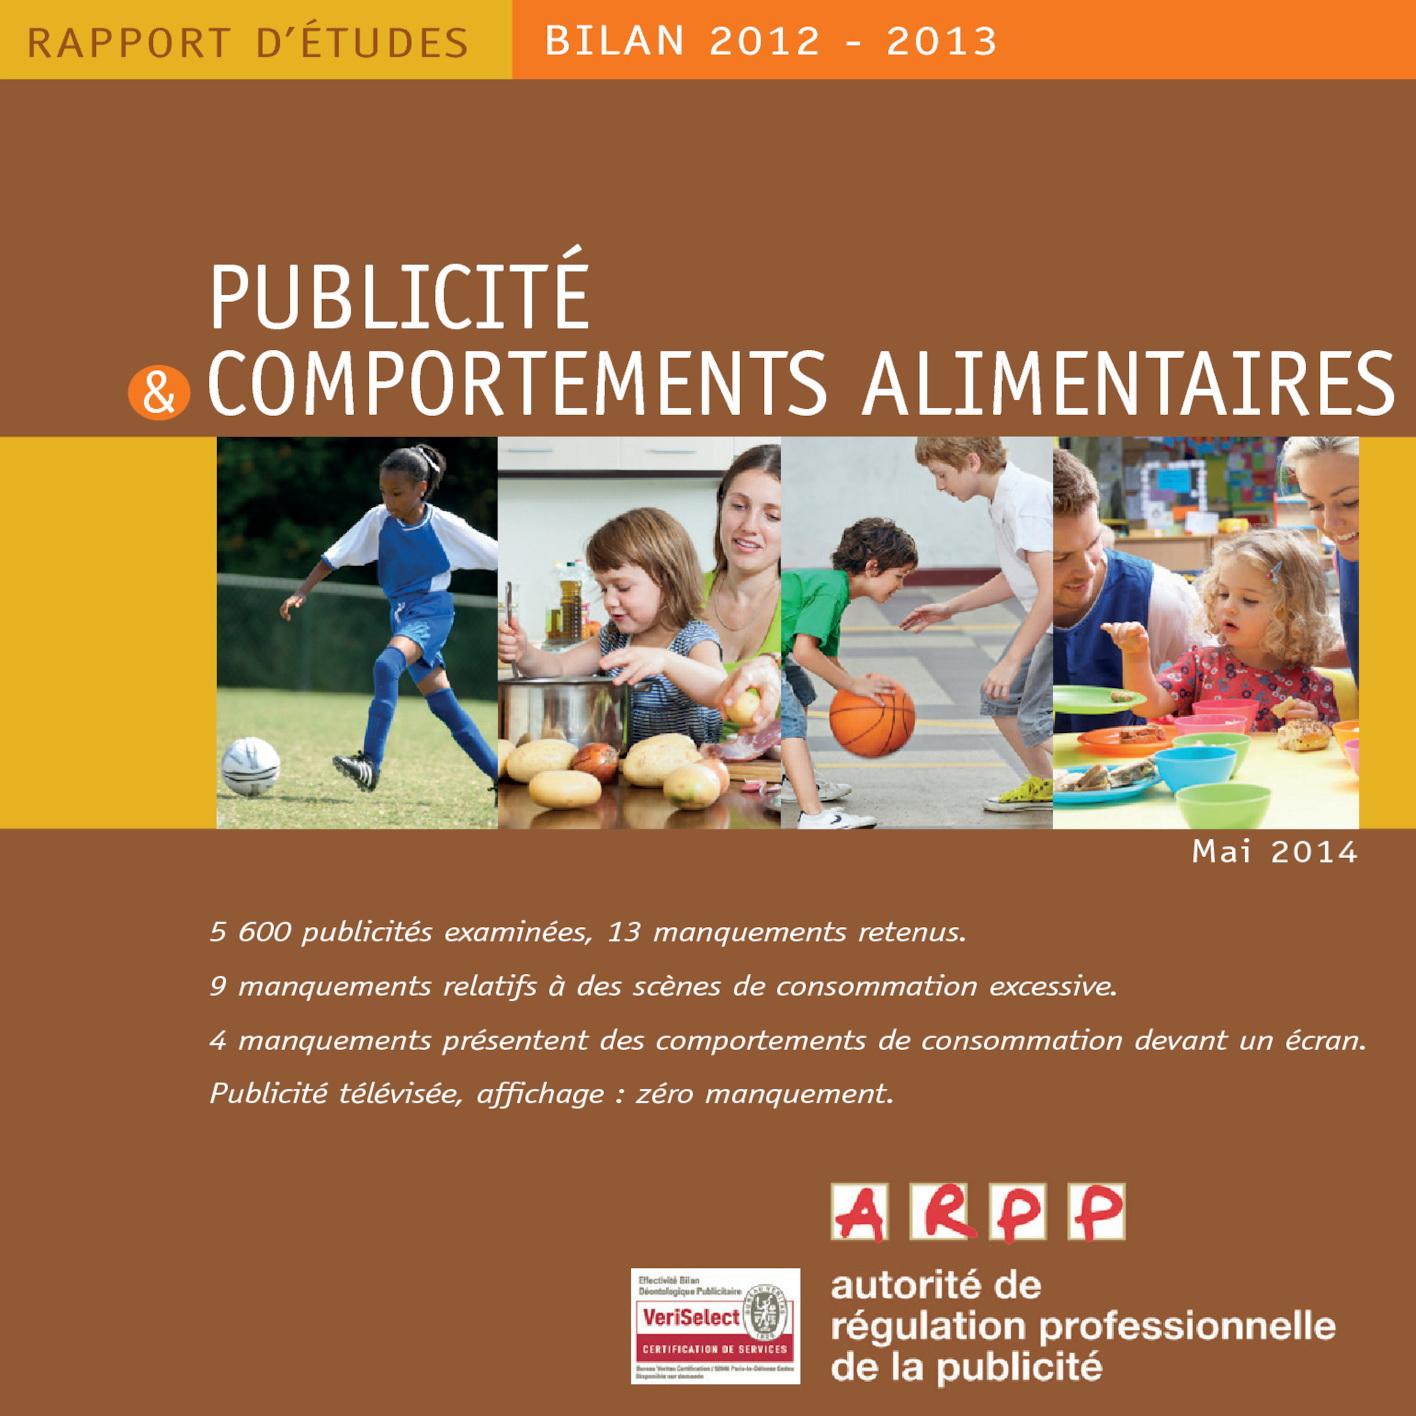 Bilan Publicité et Comportements Alimentaires 2012-2013